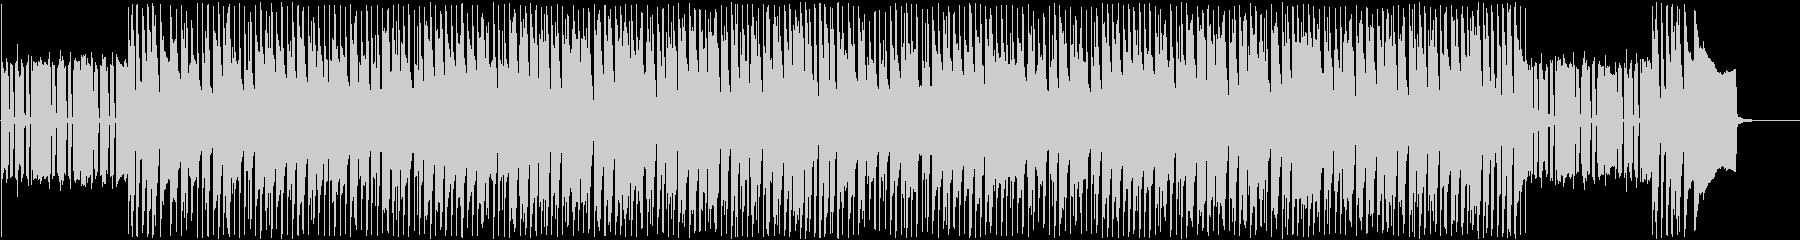 日常に流れる軽やかな曲の未再生の波形